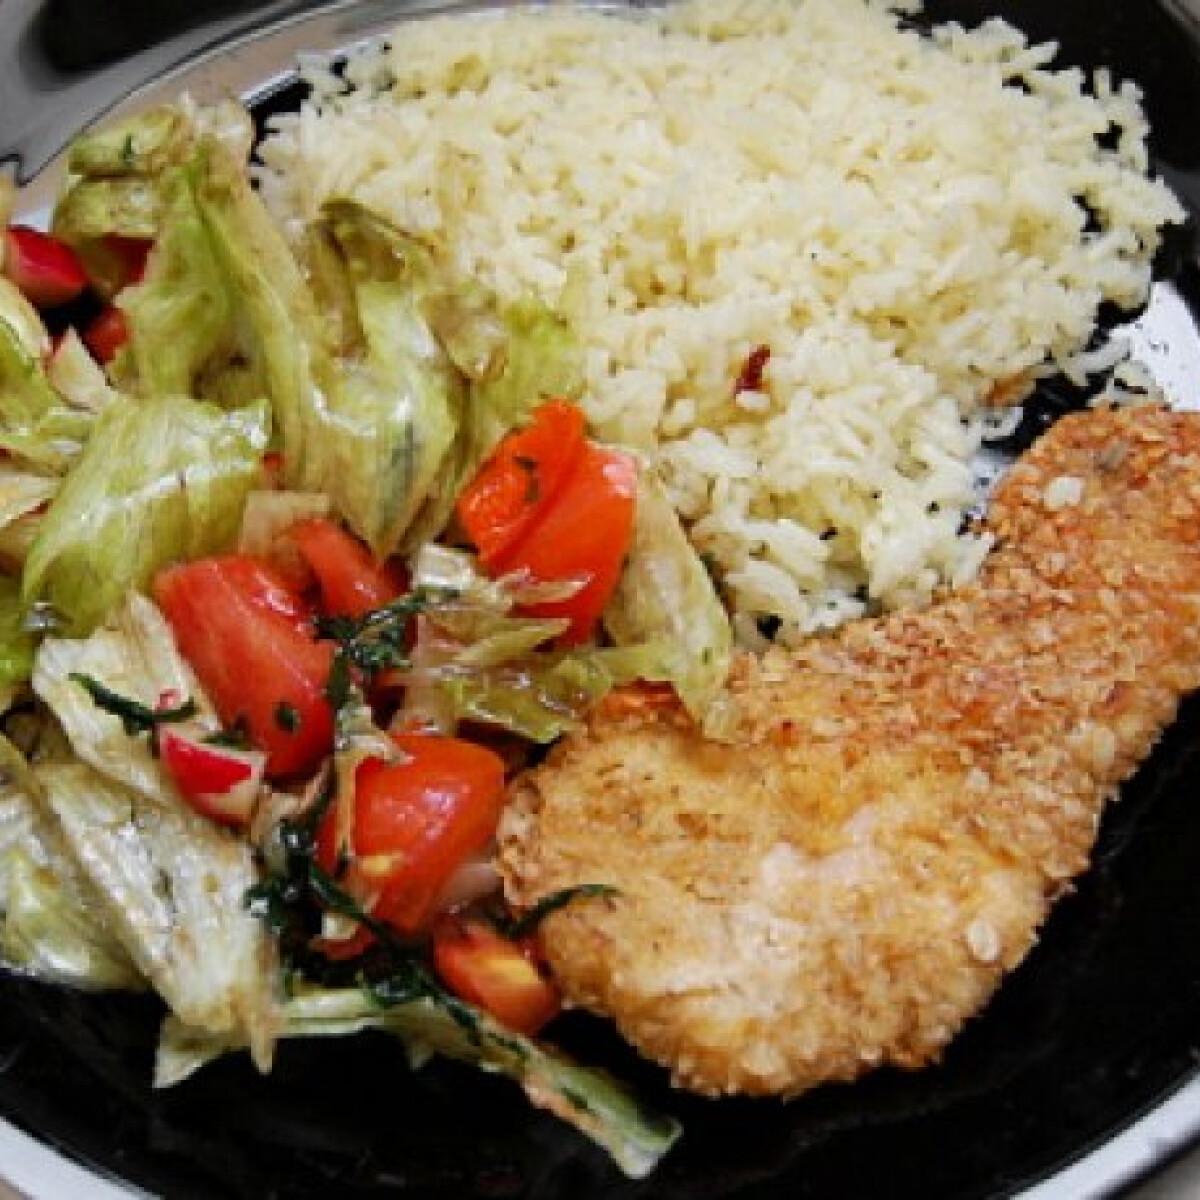 Csirkemell zabpelyhes bundában salátával